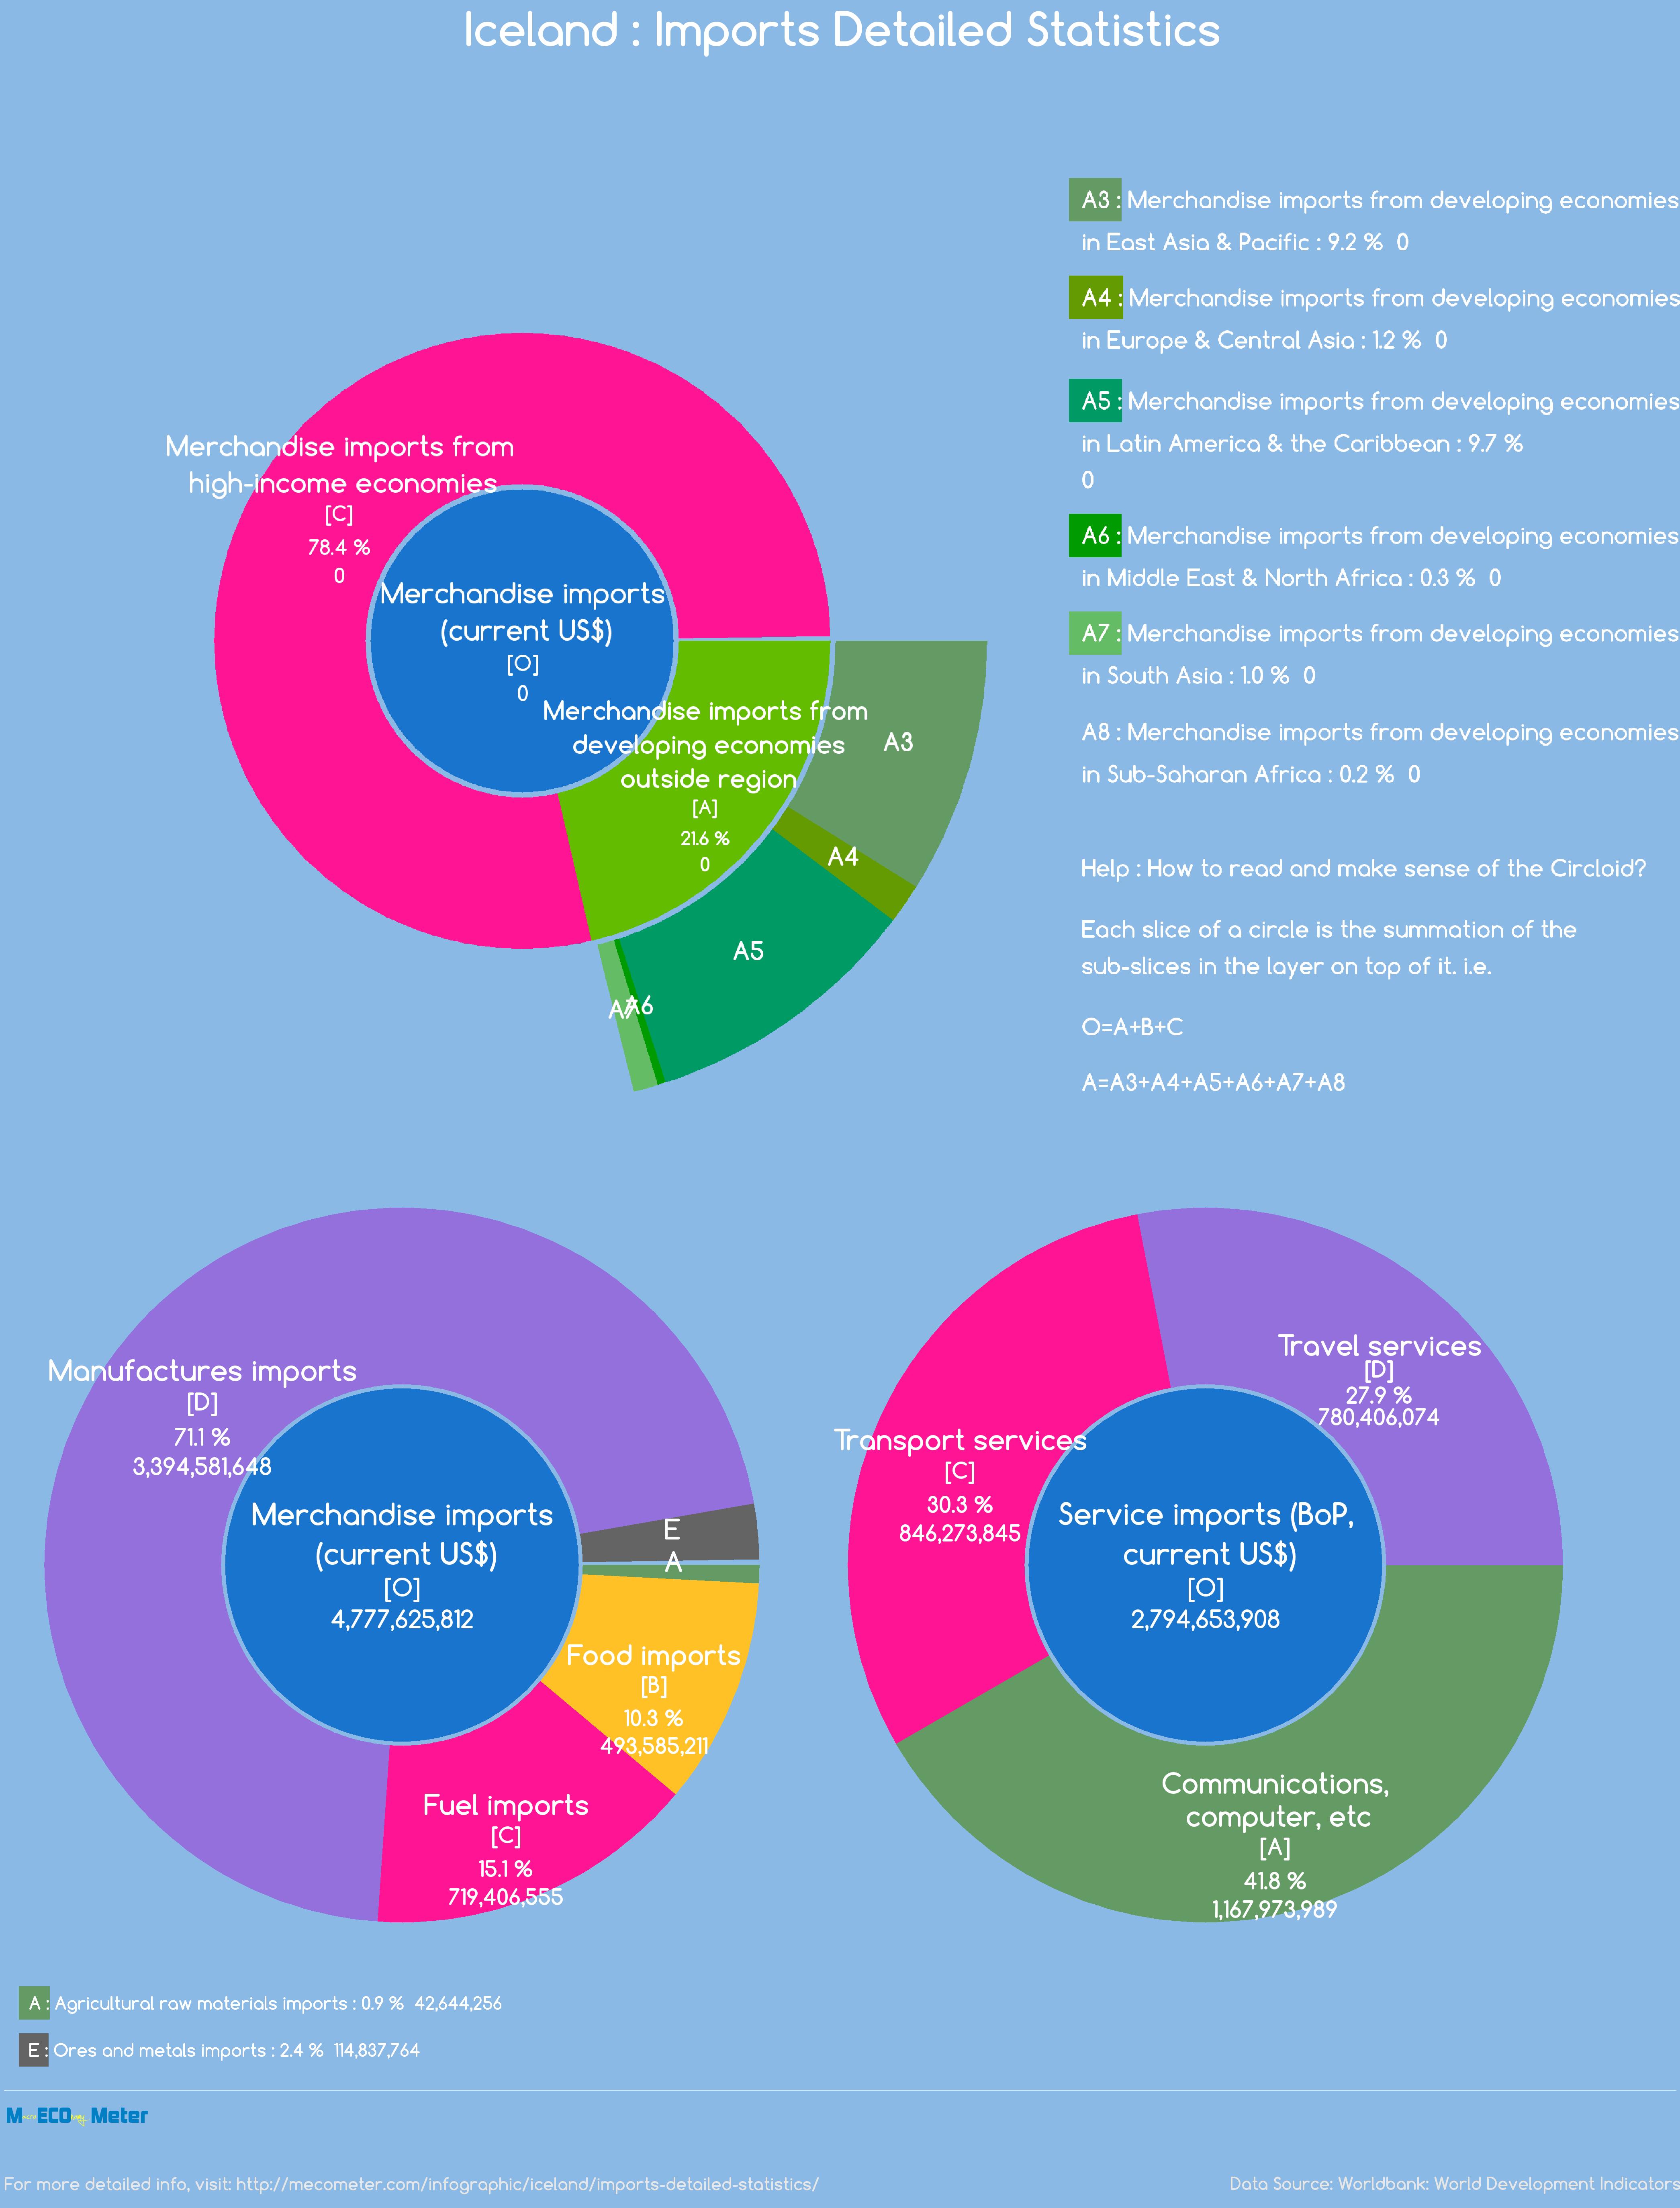 Iceland : Imports Detailed Statistics